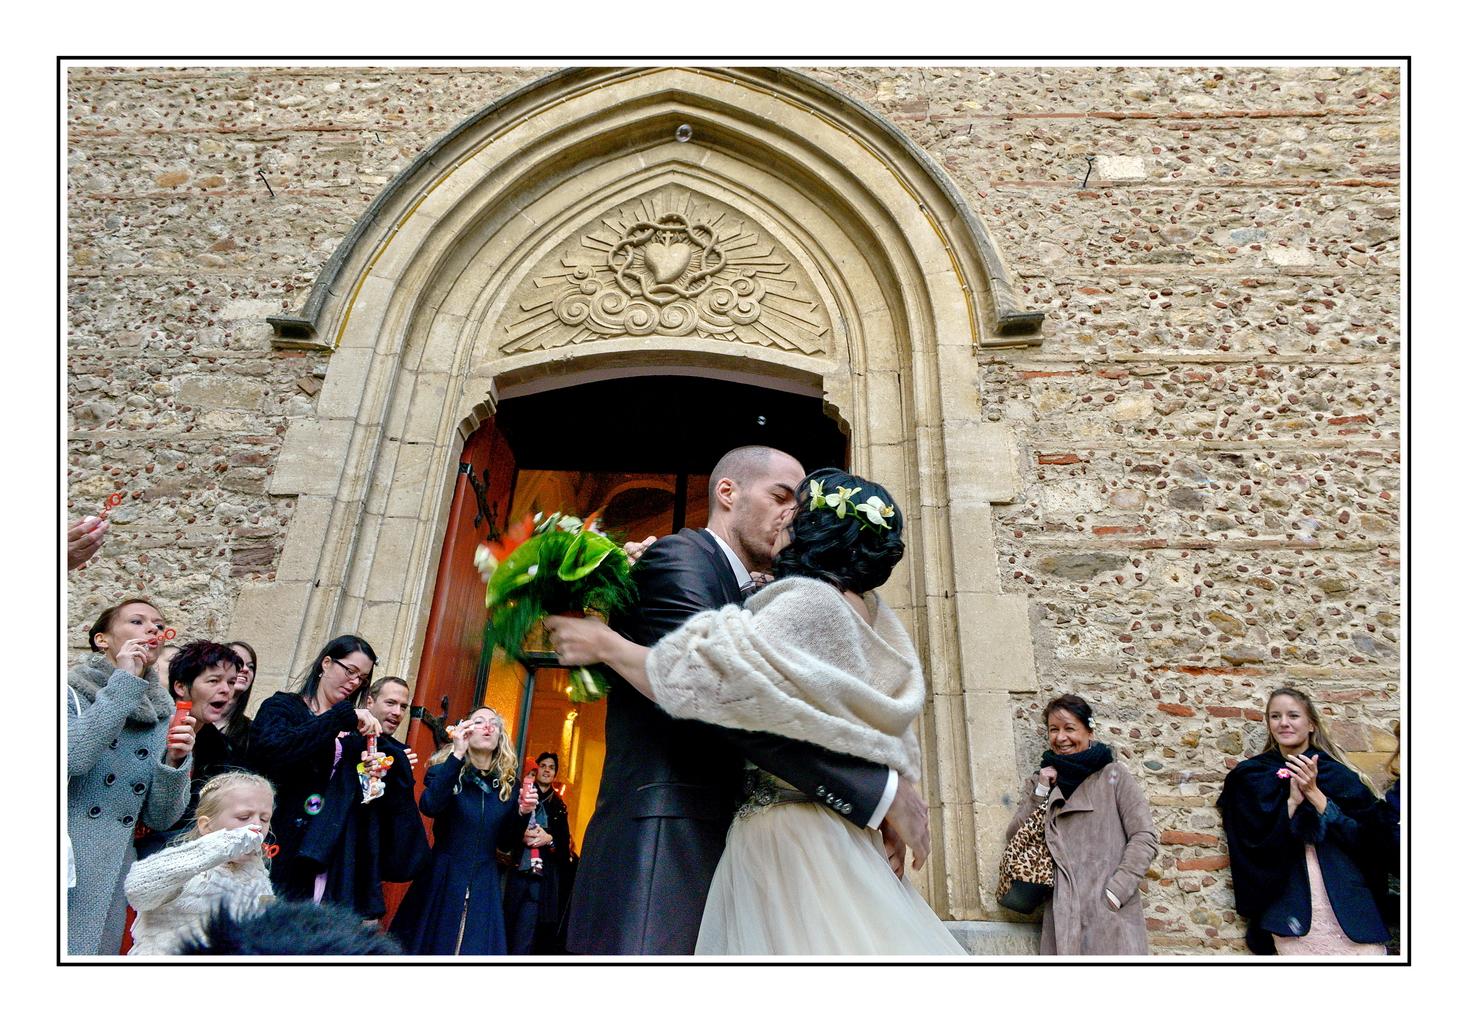 Mon mariage kréopolitain : le jour J et le bilan de mon mariage